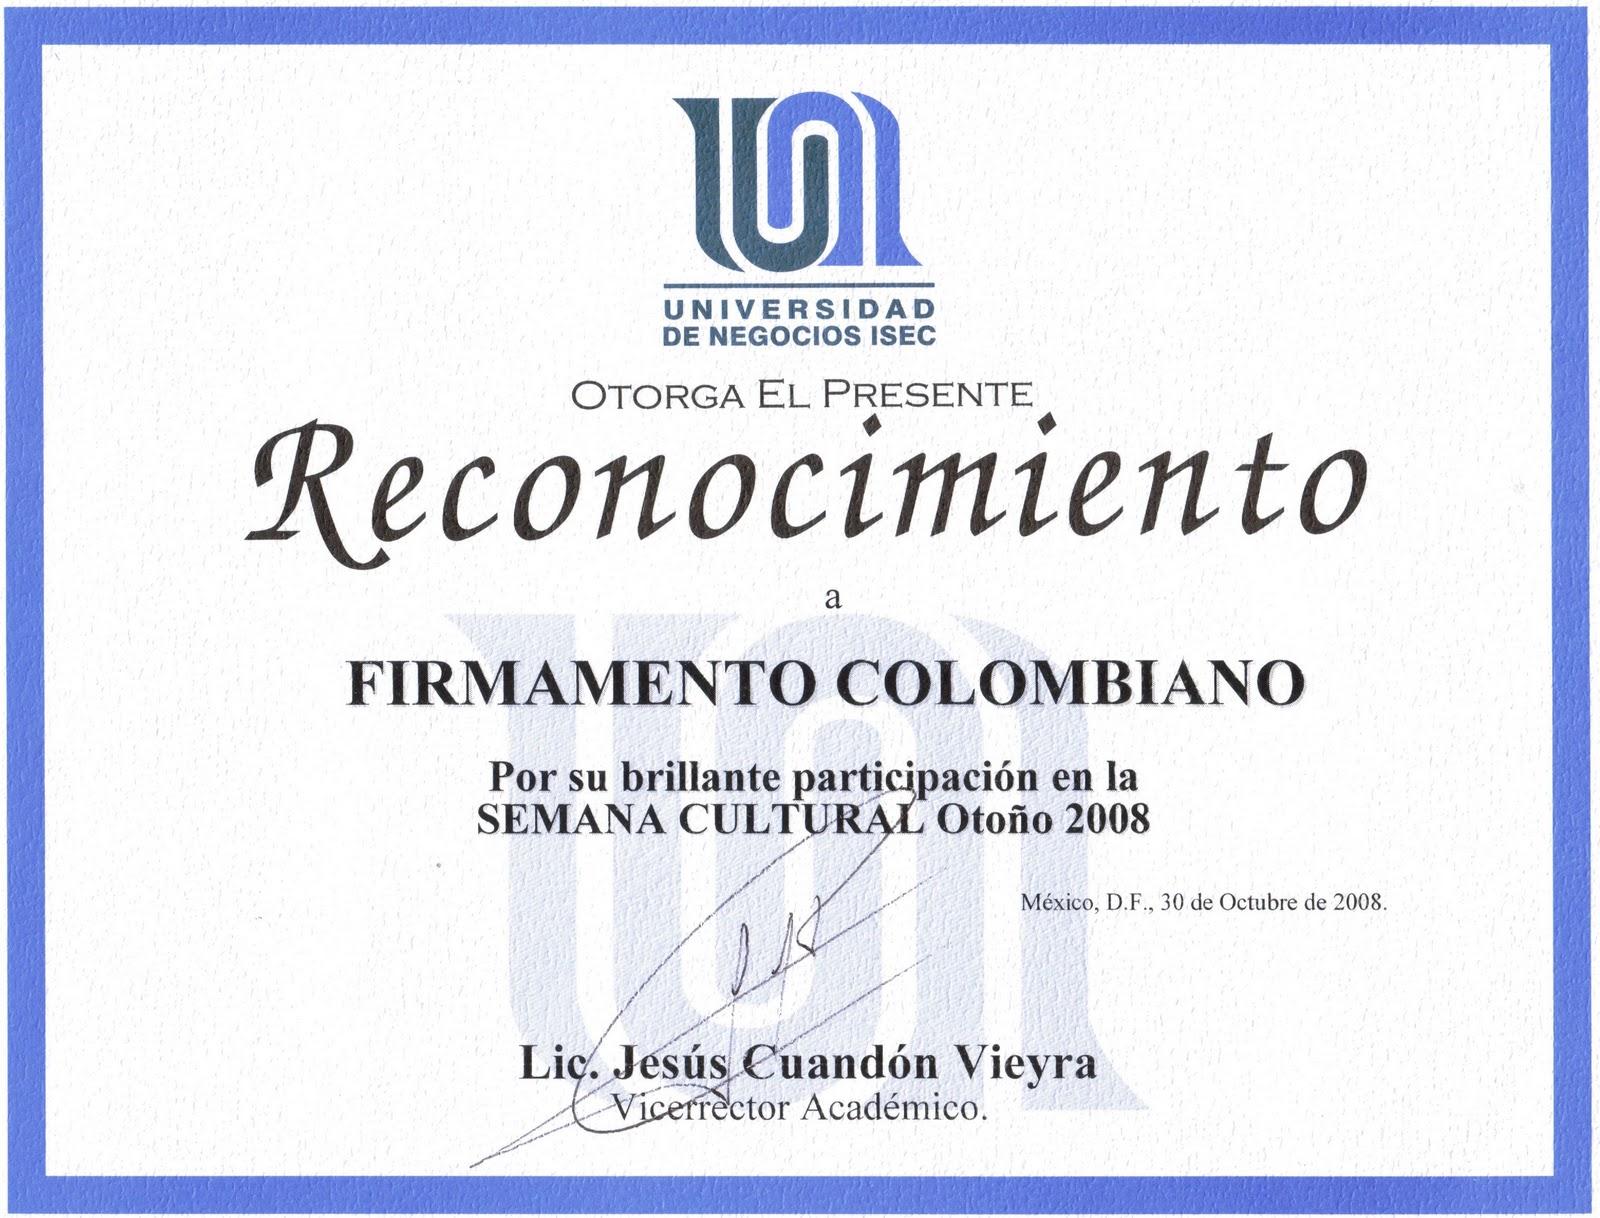 Diplomas Reconocimiento Para Imprimir Gratis Otros Servicios Pictures